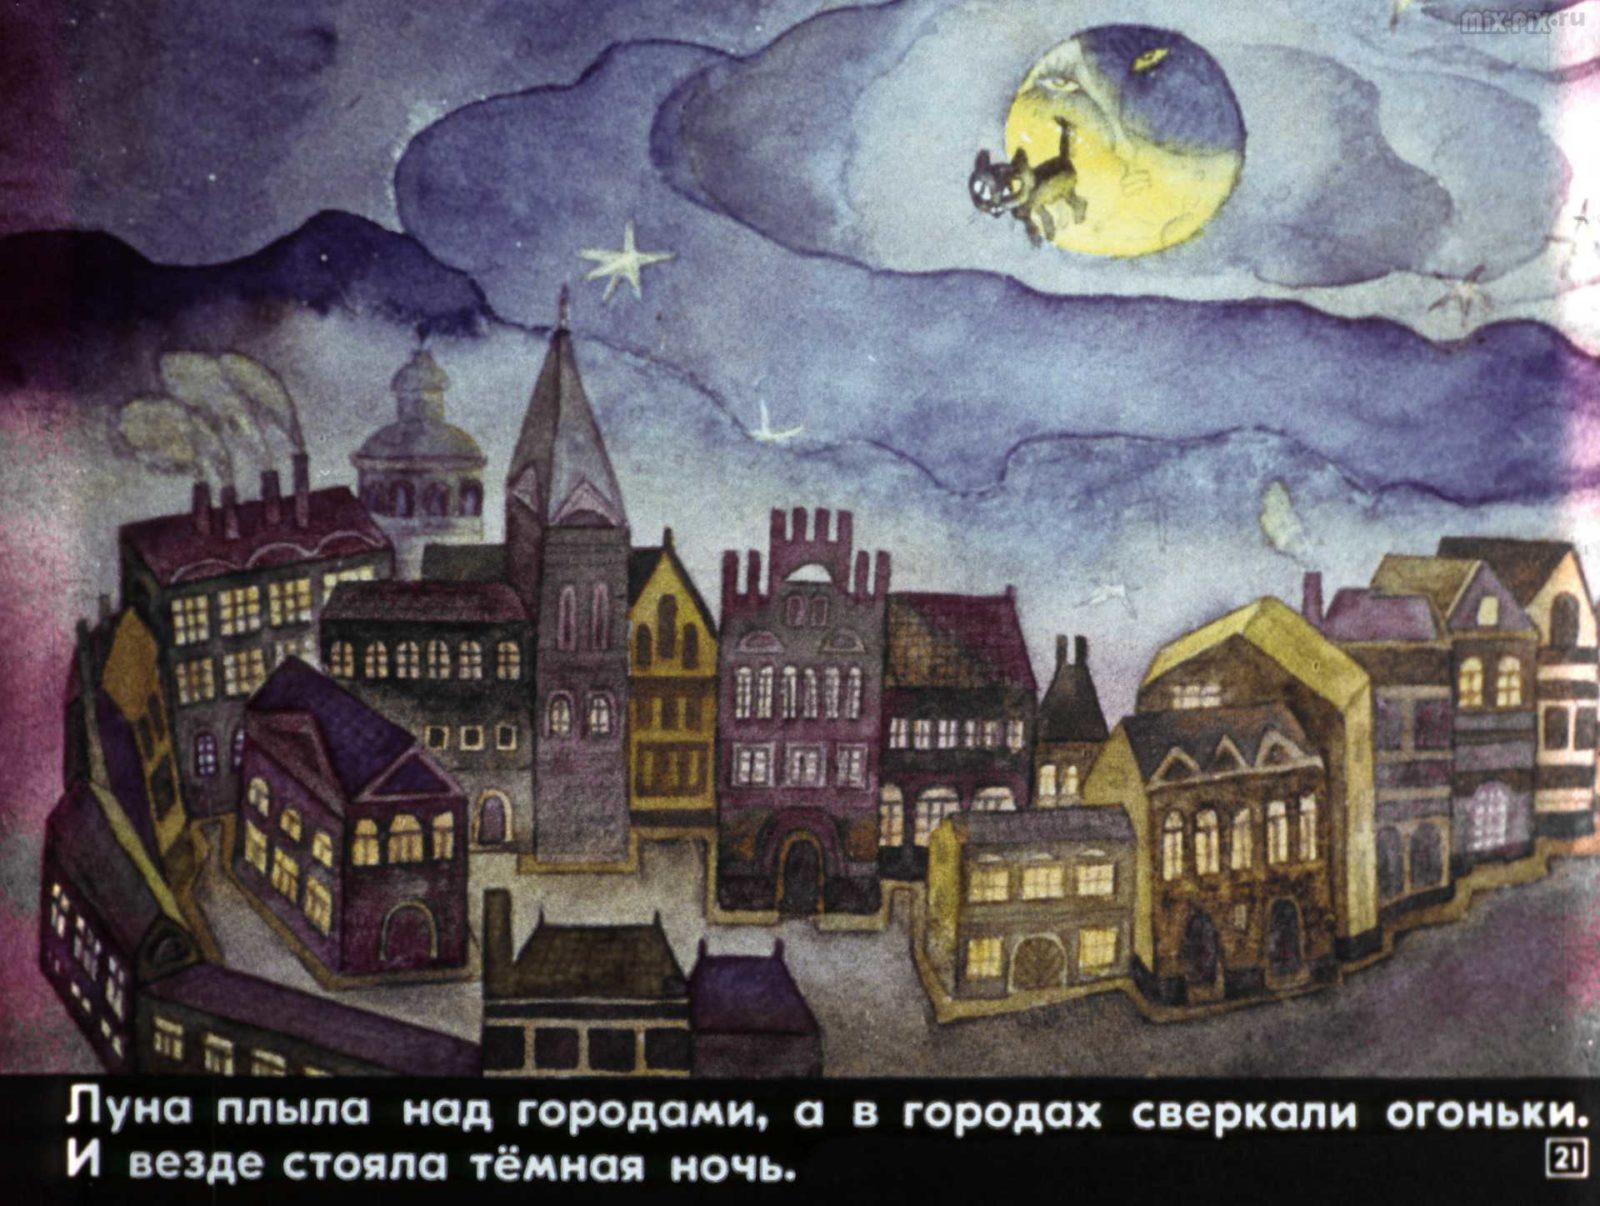 Сказка про лунный свет (1991) 47